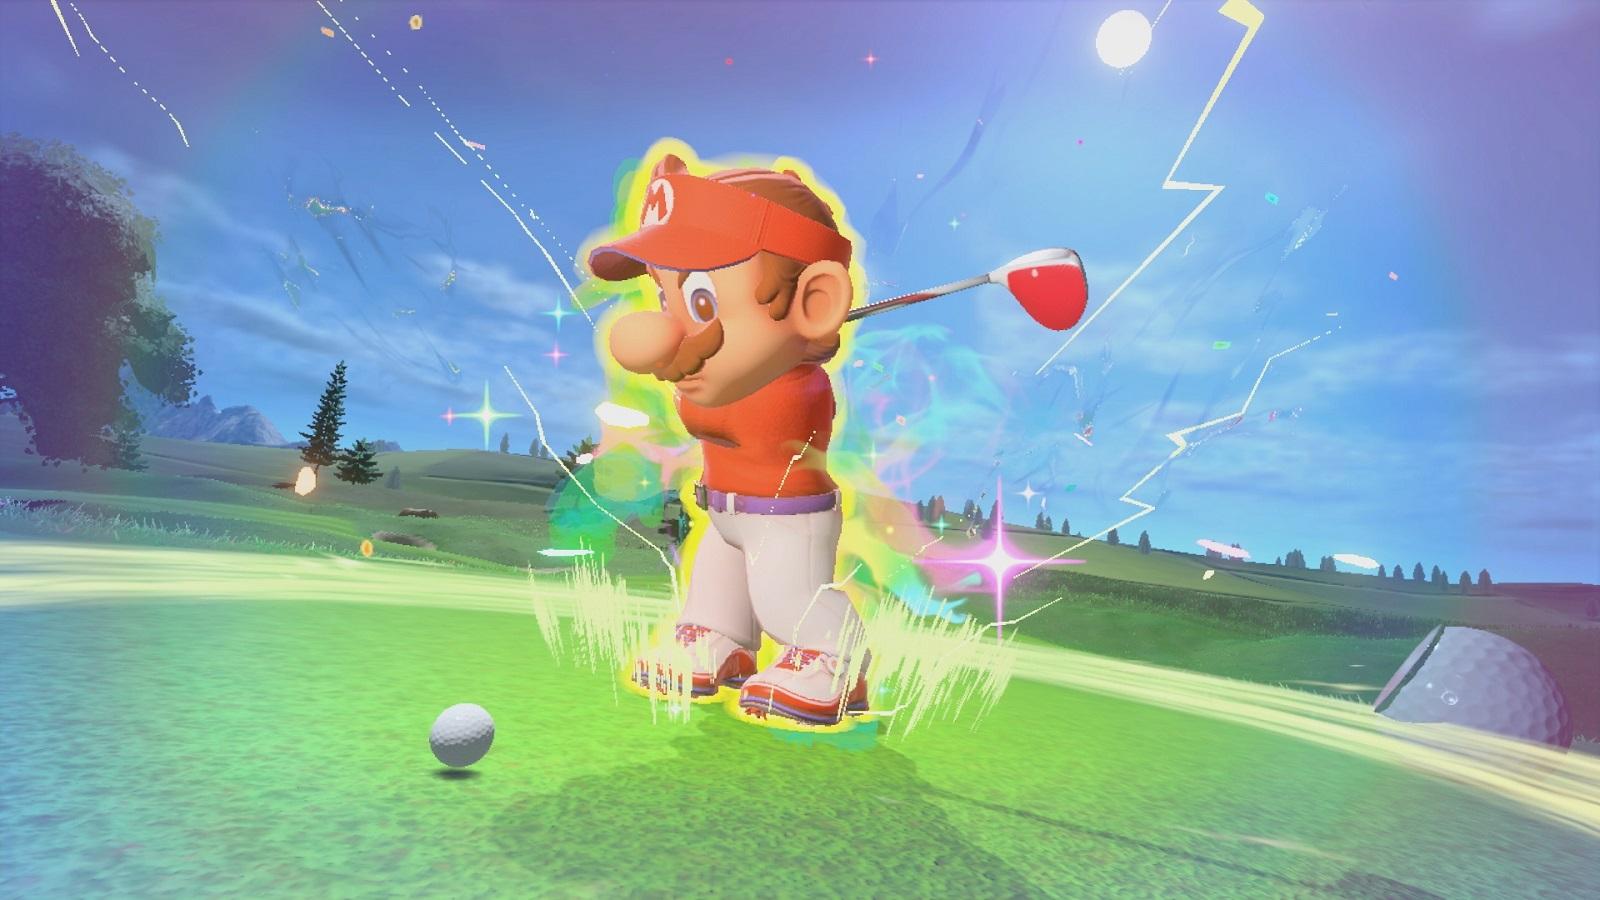 Видео: основные особенности и аркадный гольф в дебютном трейлере Mario Golf: Super Rush для Switch